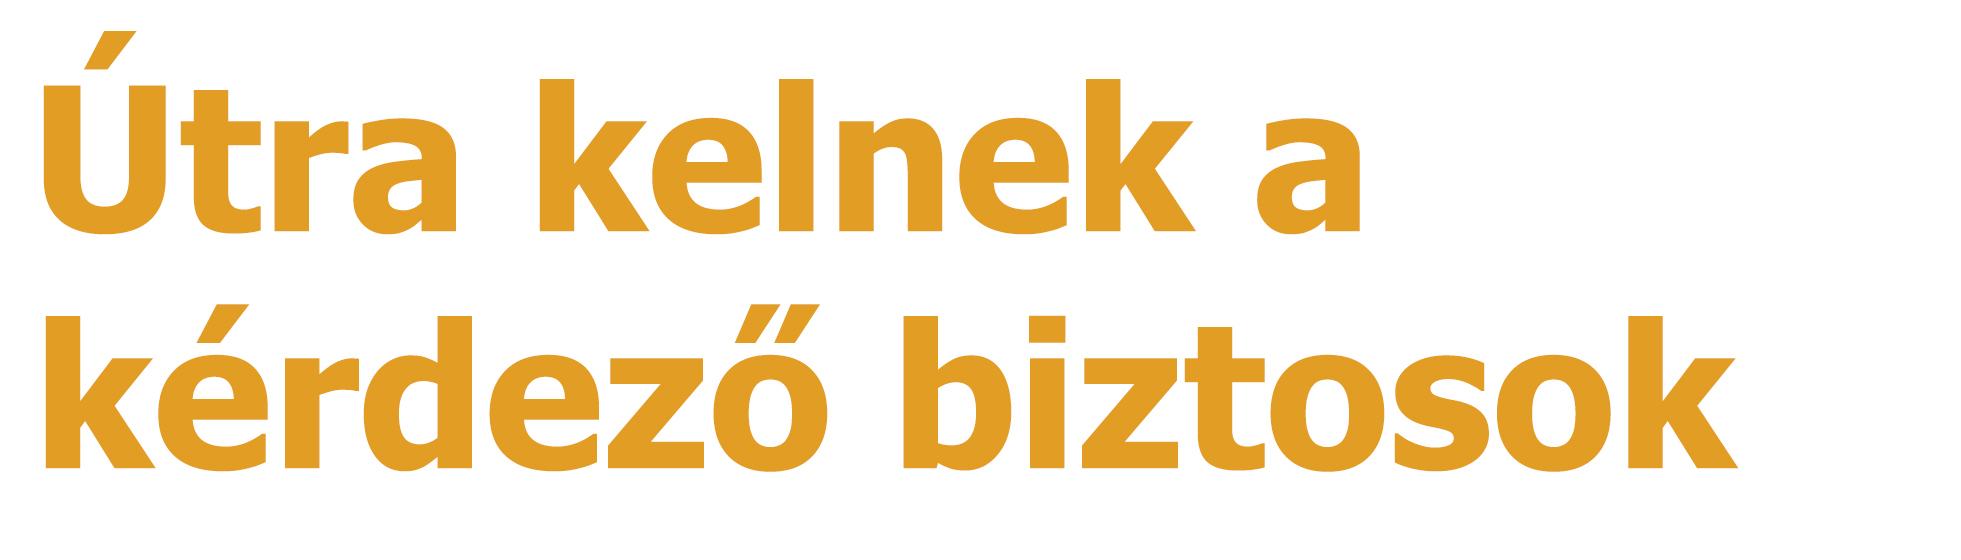 utra_kelnek_